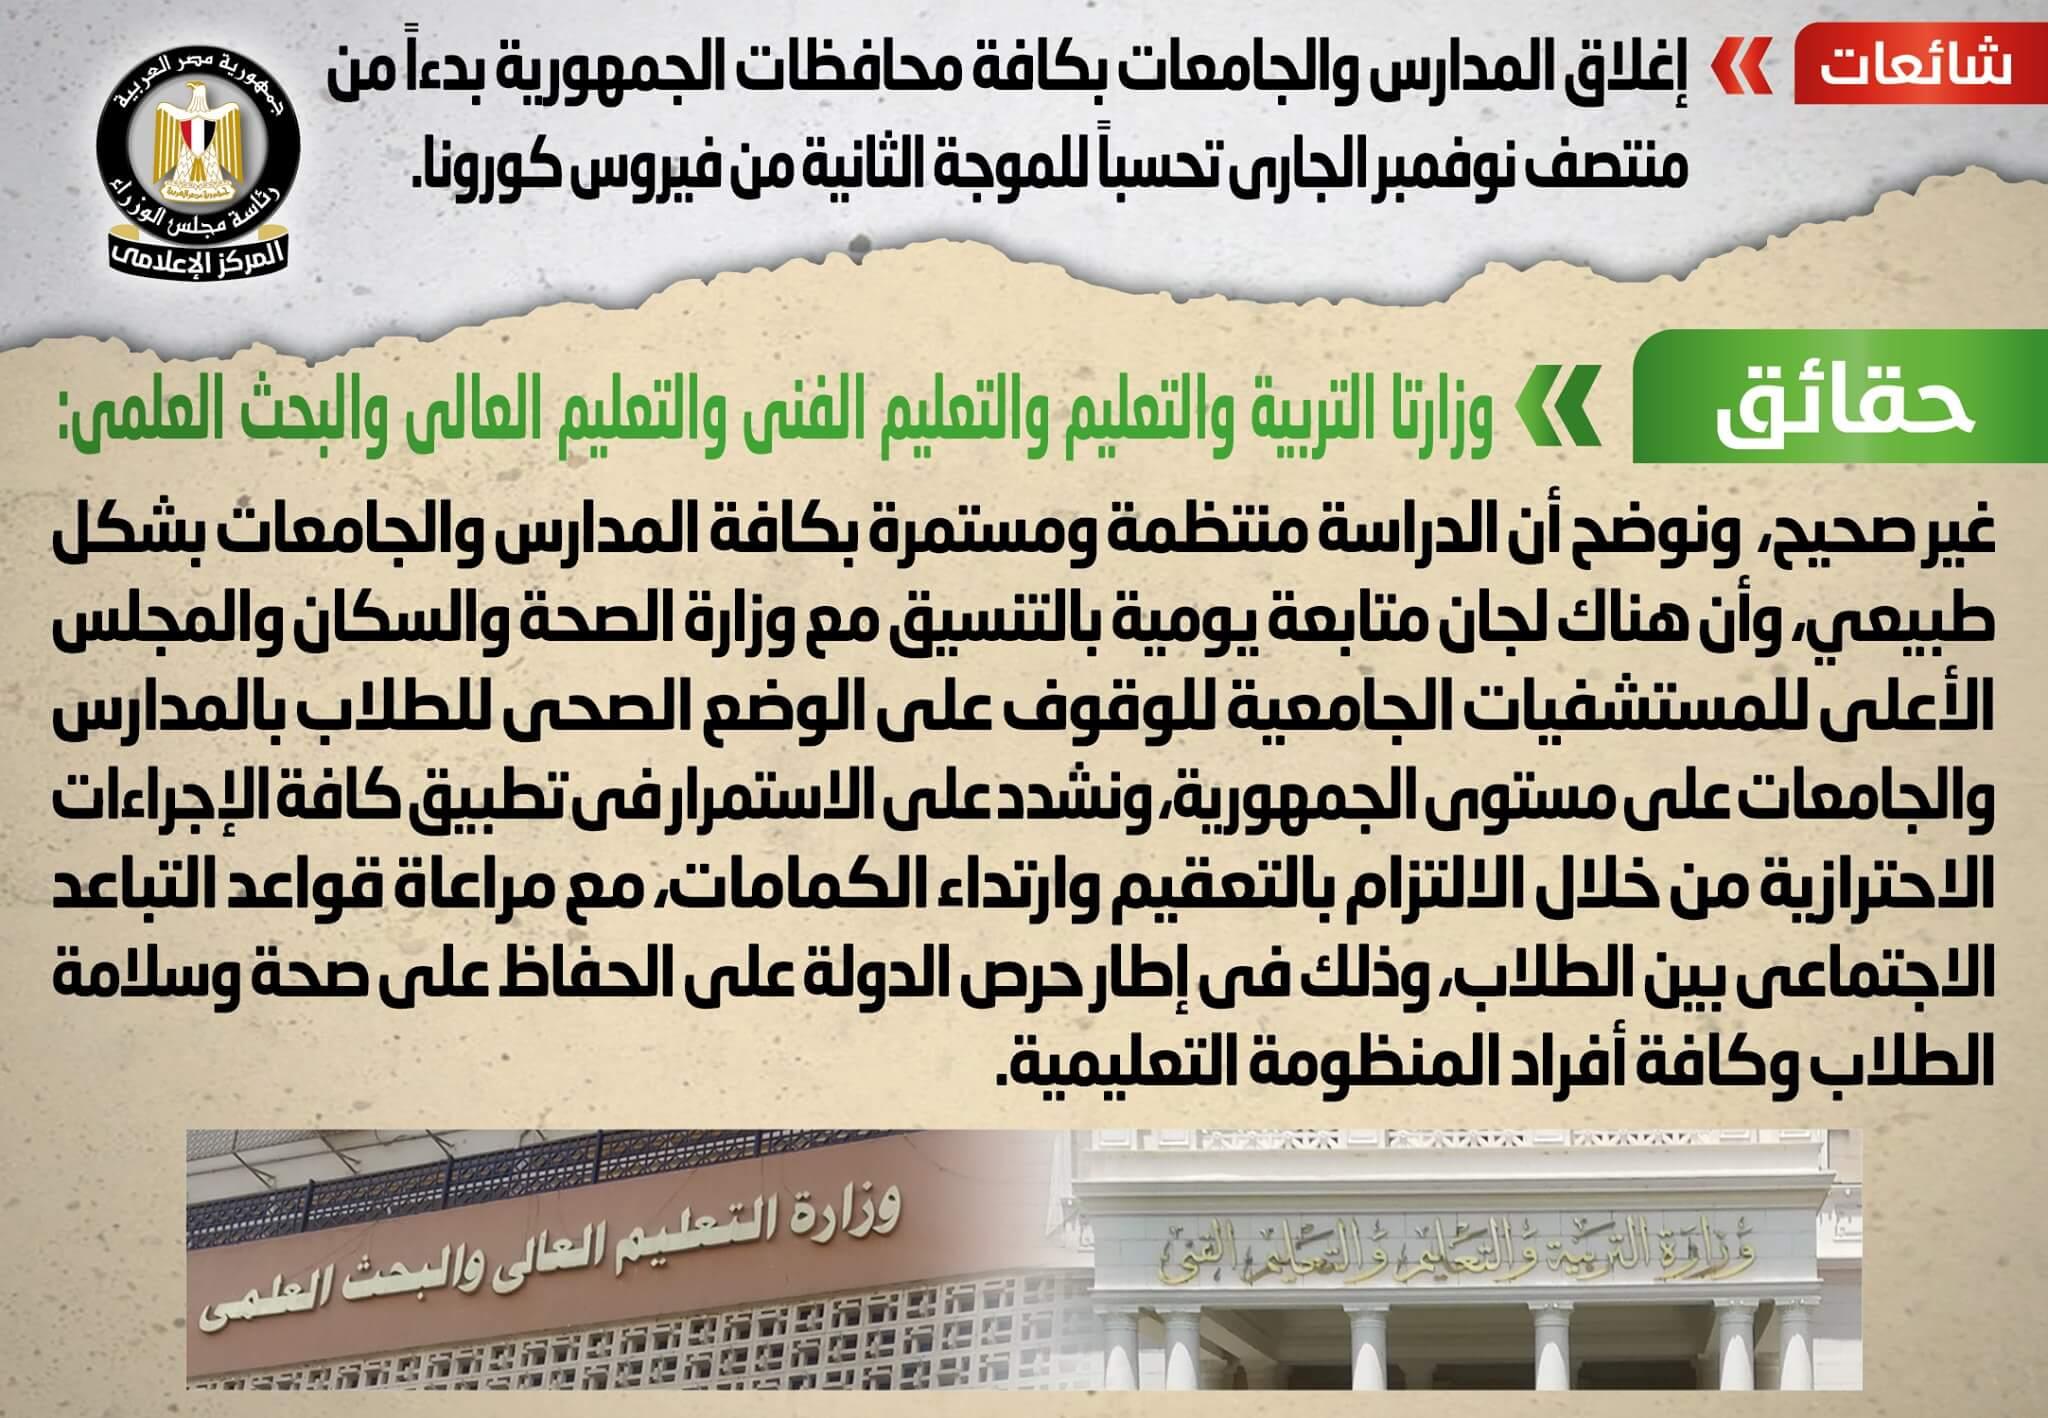 حقيقة غلق المدارس والجامعات بسبب فيروس كورونا